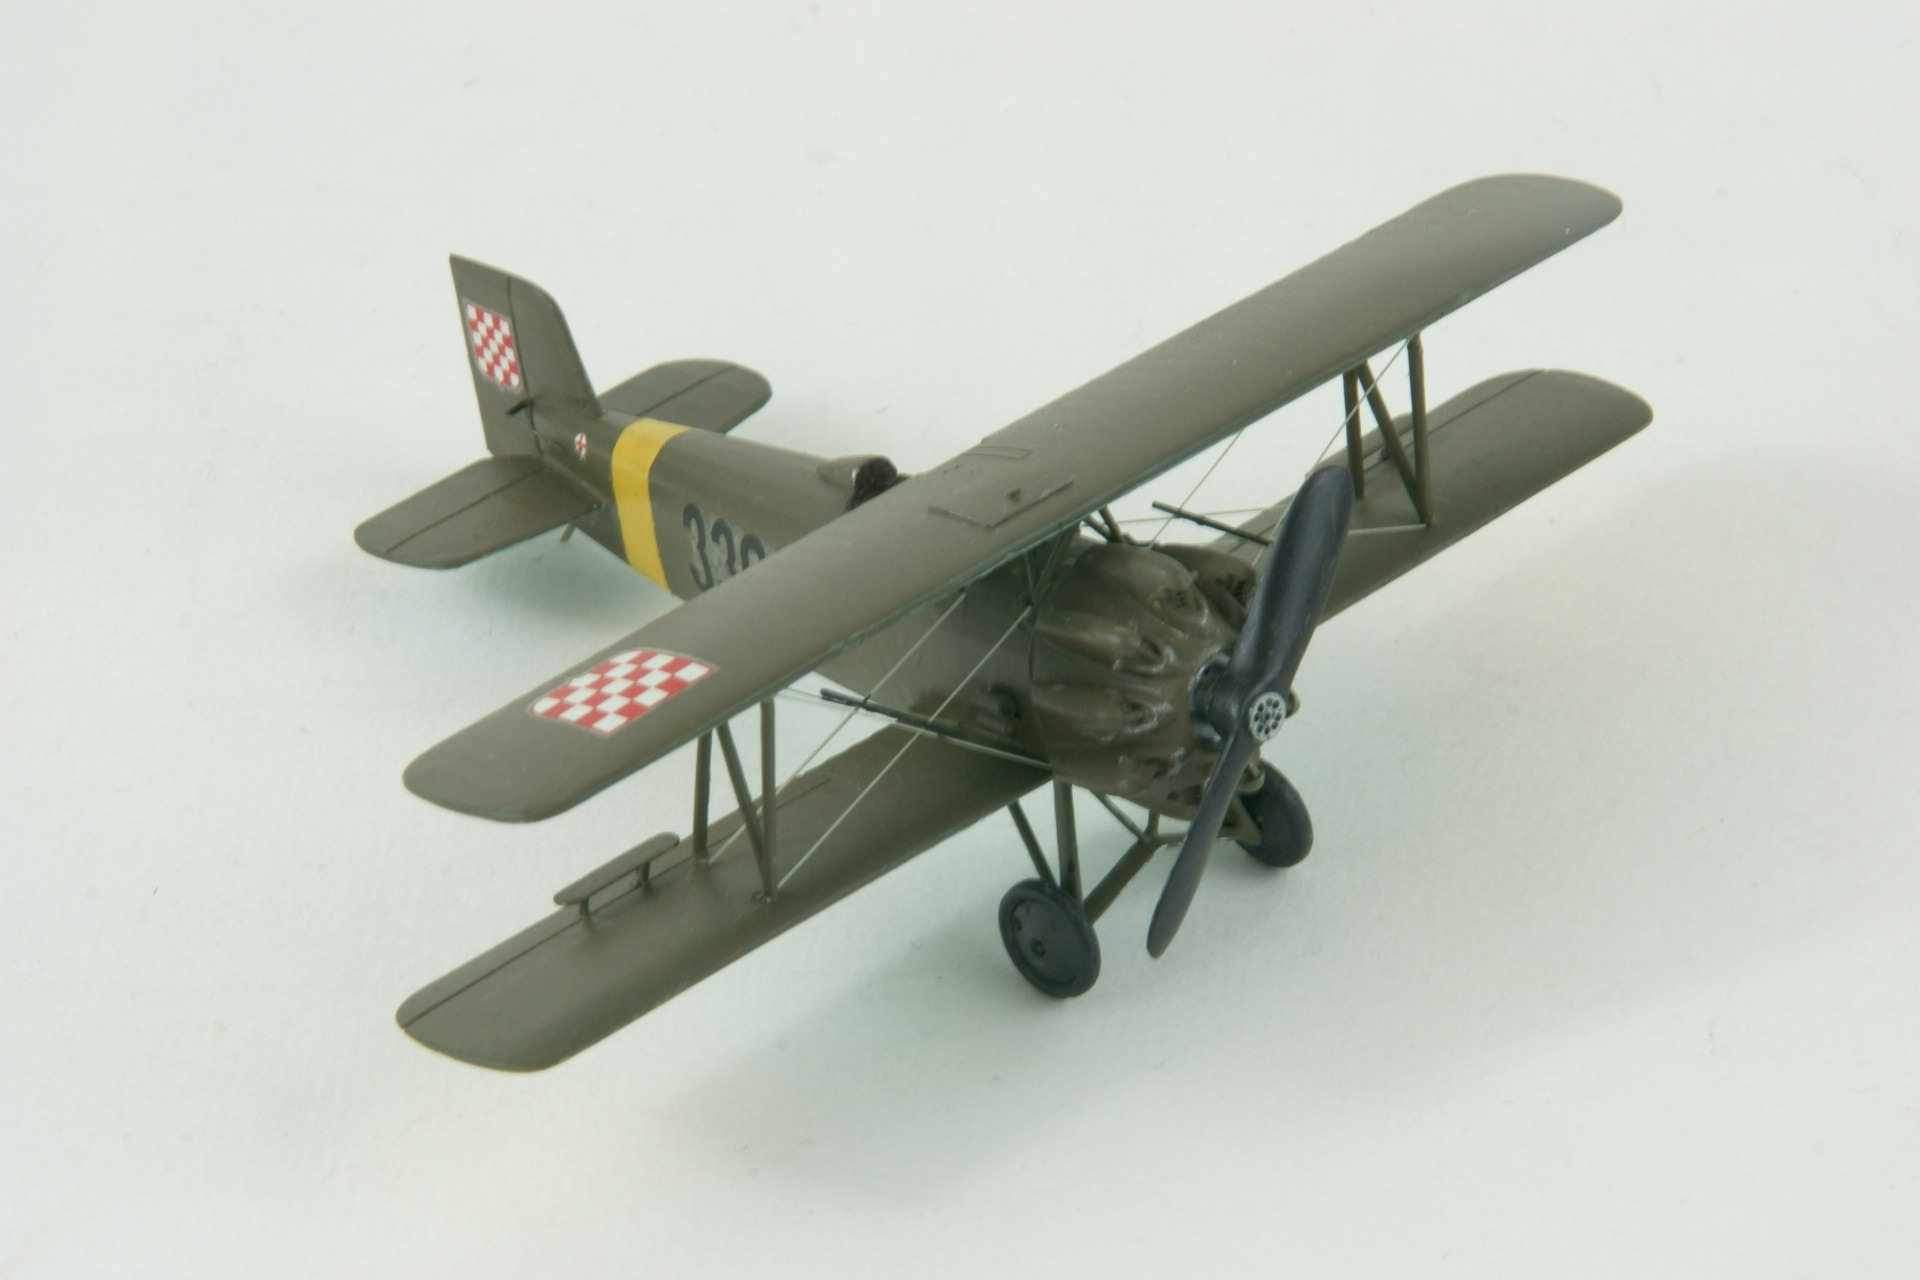 Avia bh 33e 4 1